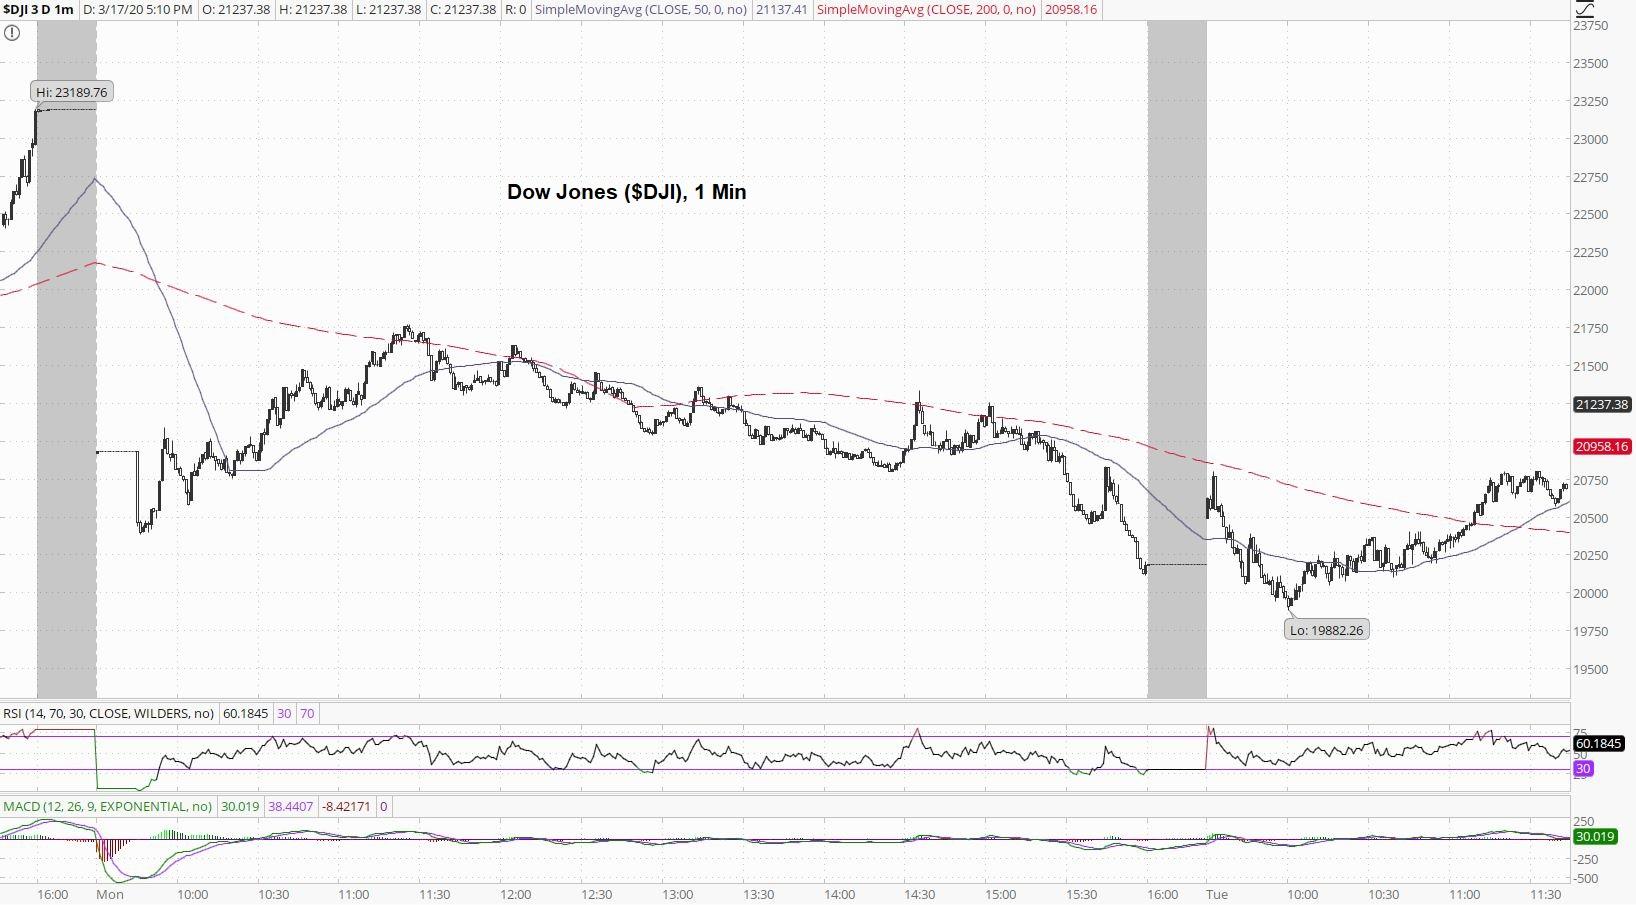 Dow Jones 1 Min Chart